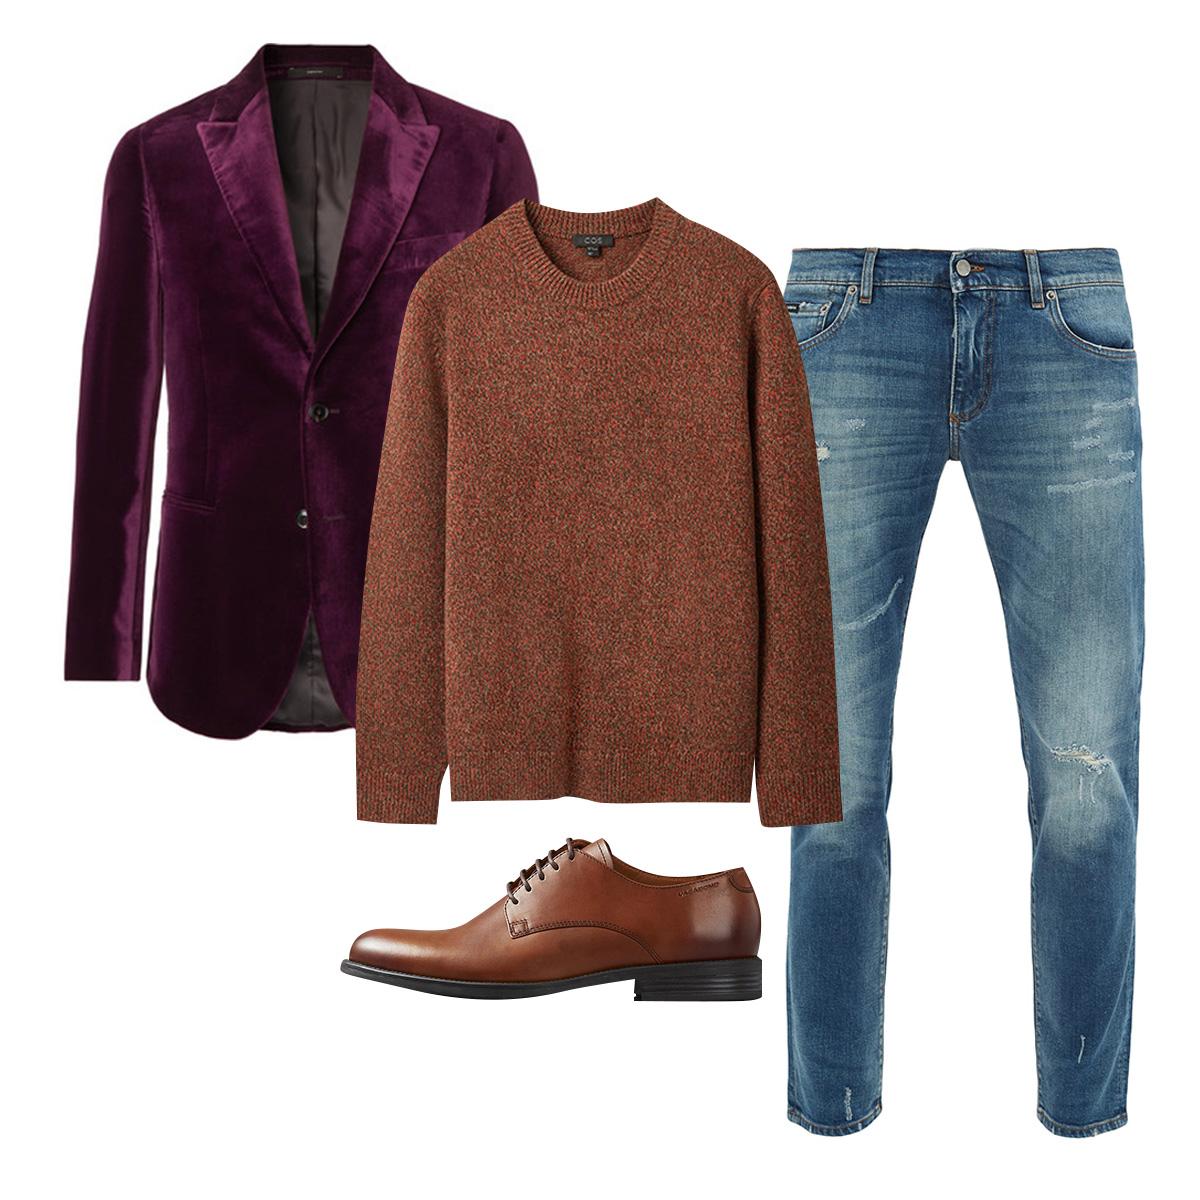 Жакет Paul Smith, £684; свитер COS, €99; джинсы Dolce & Gabbana, €527; обувь Vagabond, 9000 рублей